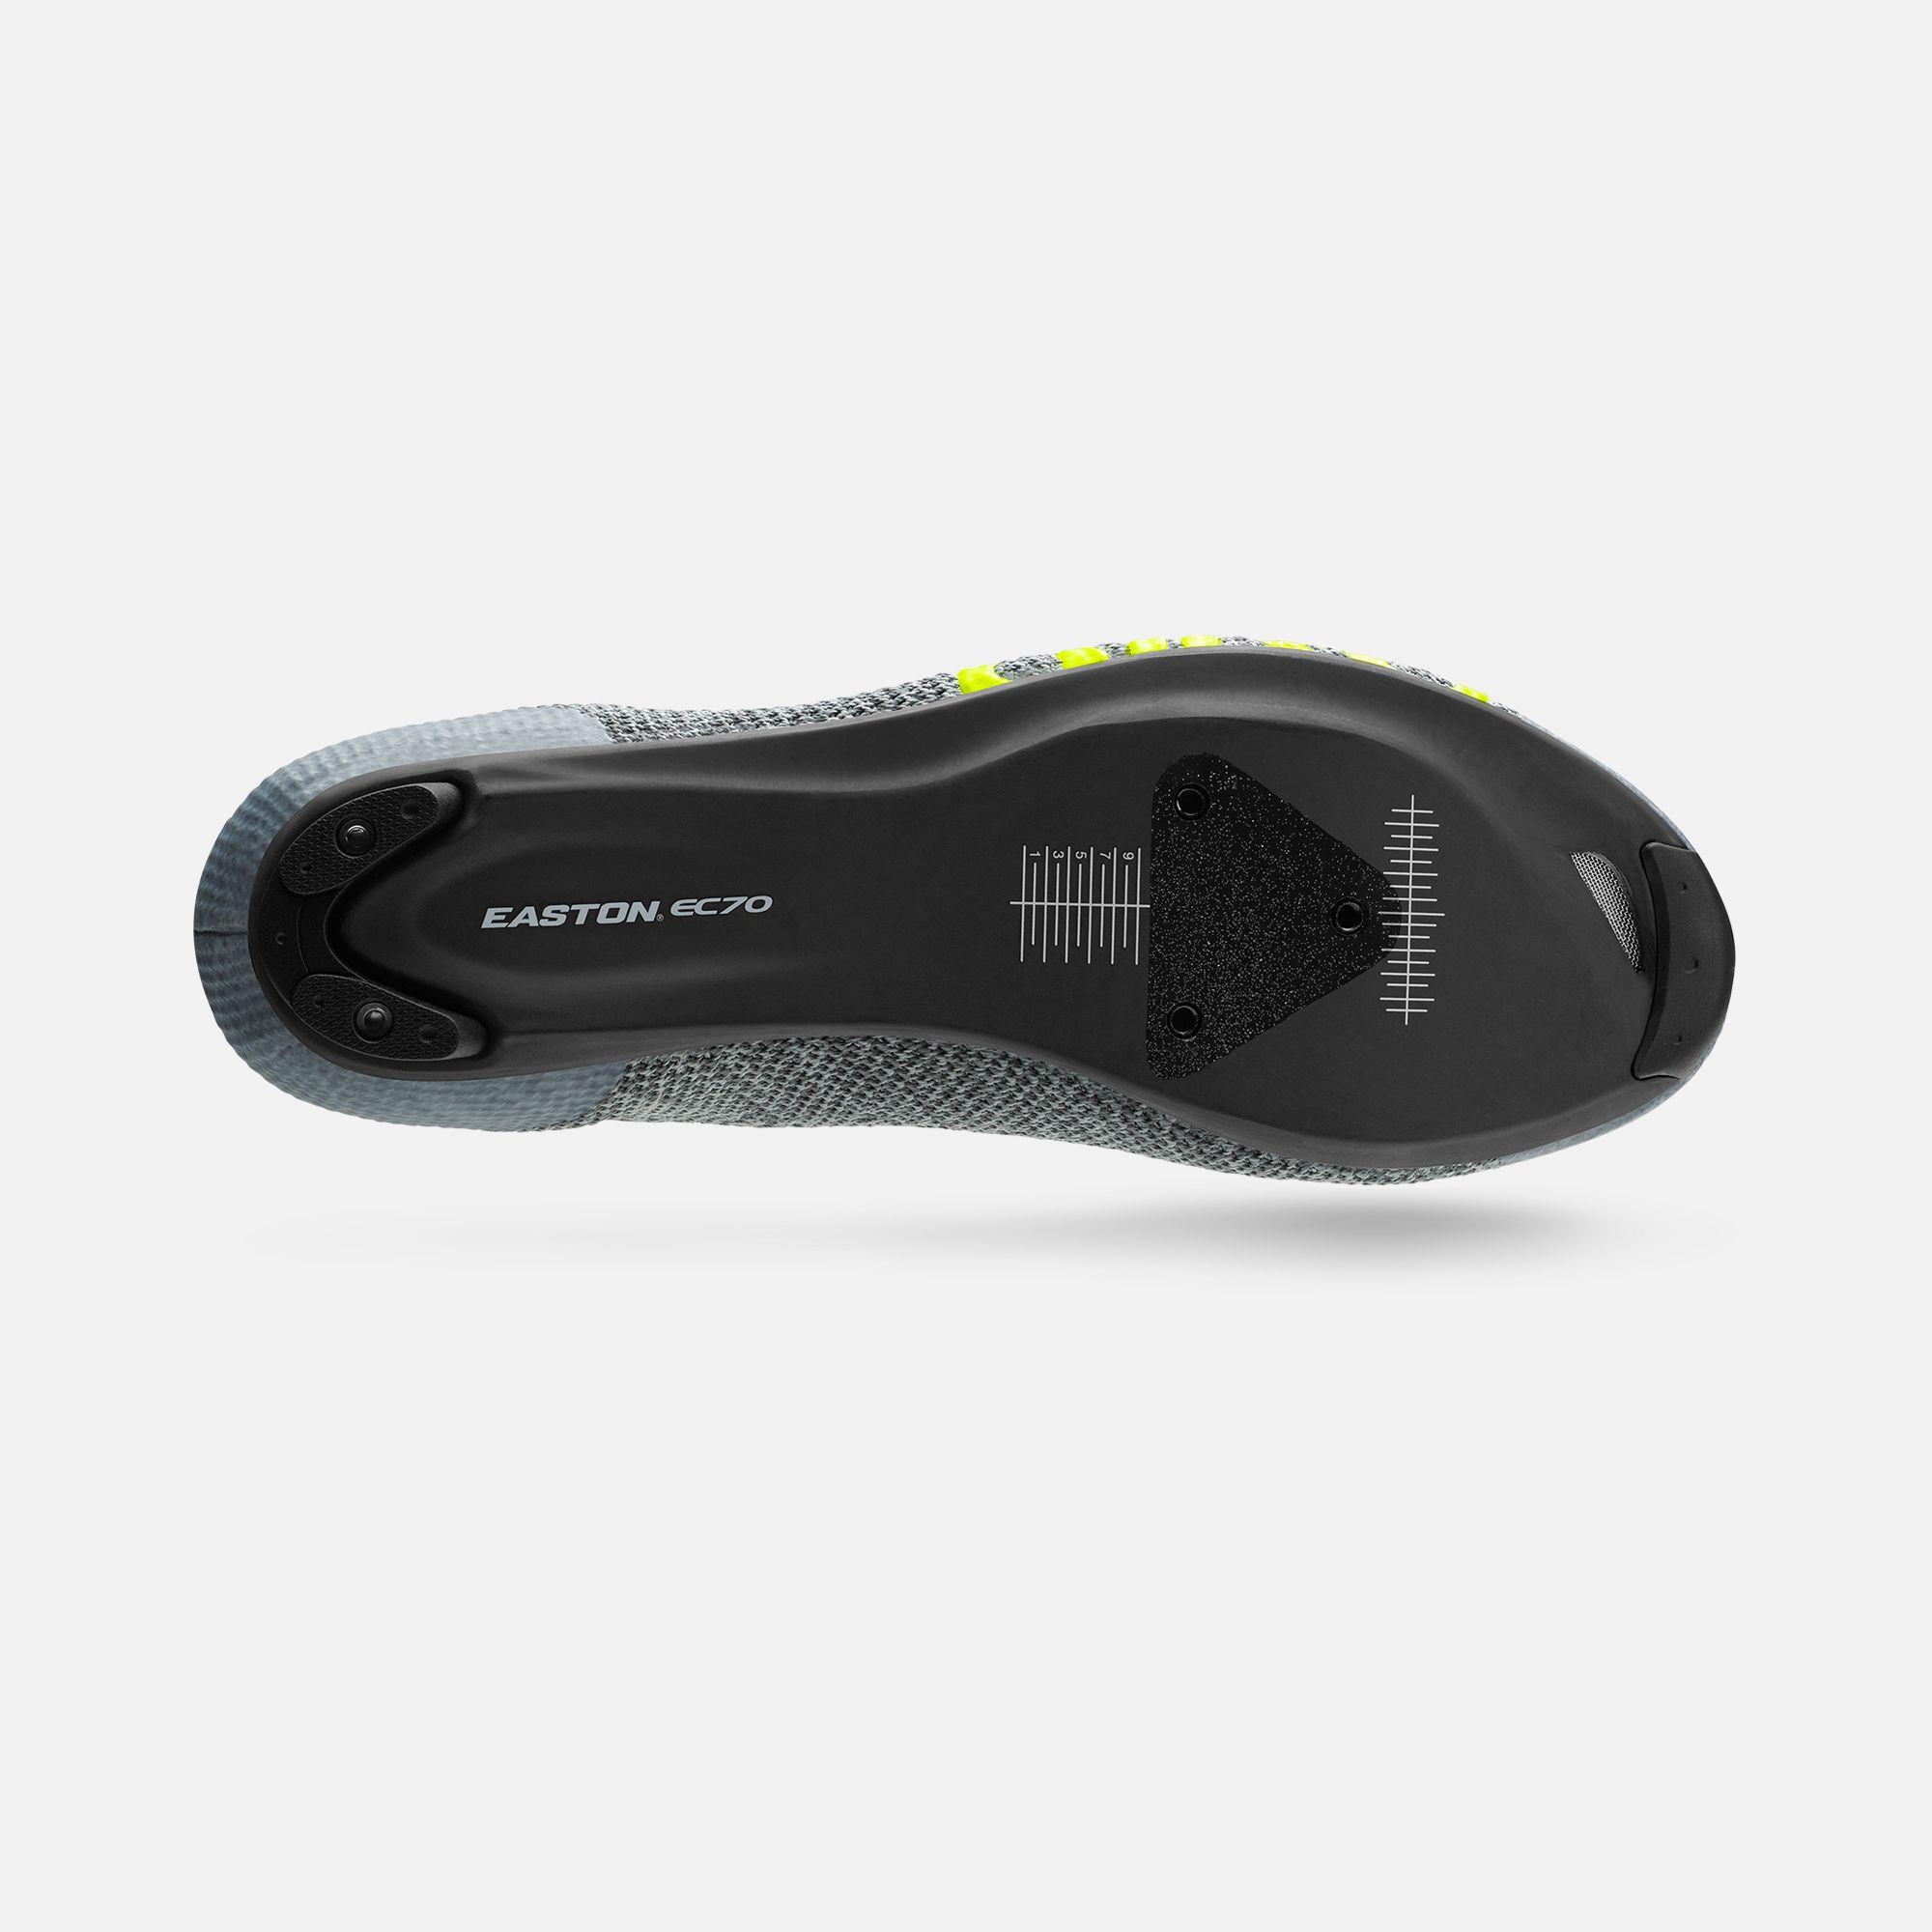 Mens Giro Empire E70 Knit Cycling Shoe